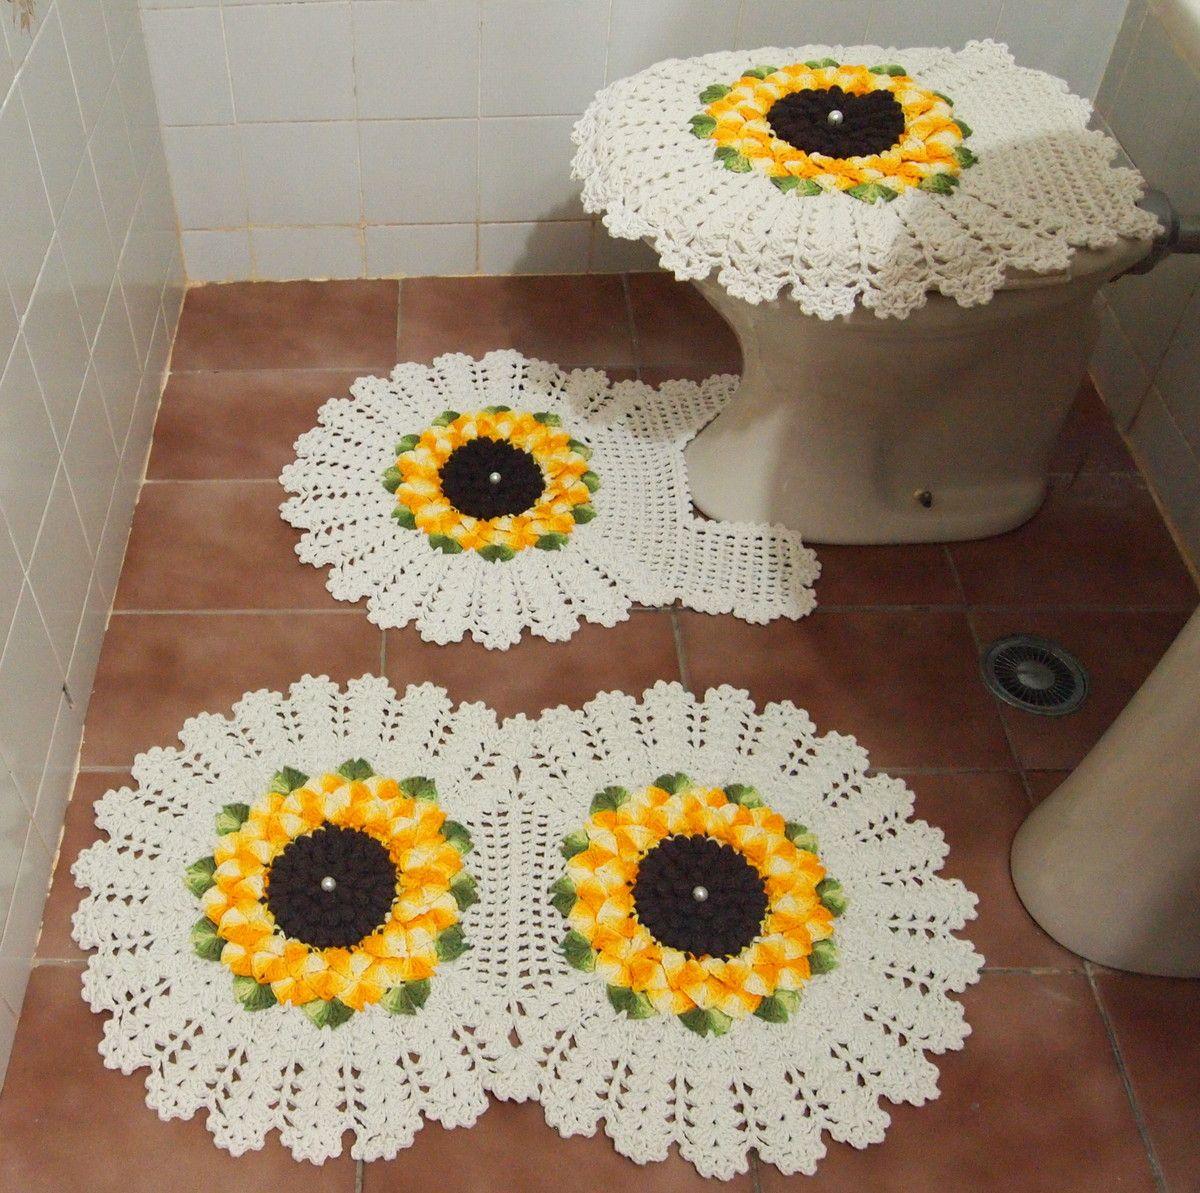 era jogo-de-banheiro-com-flor-mega-girassol-barroco